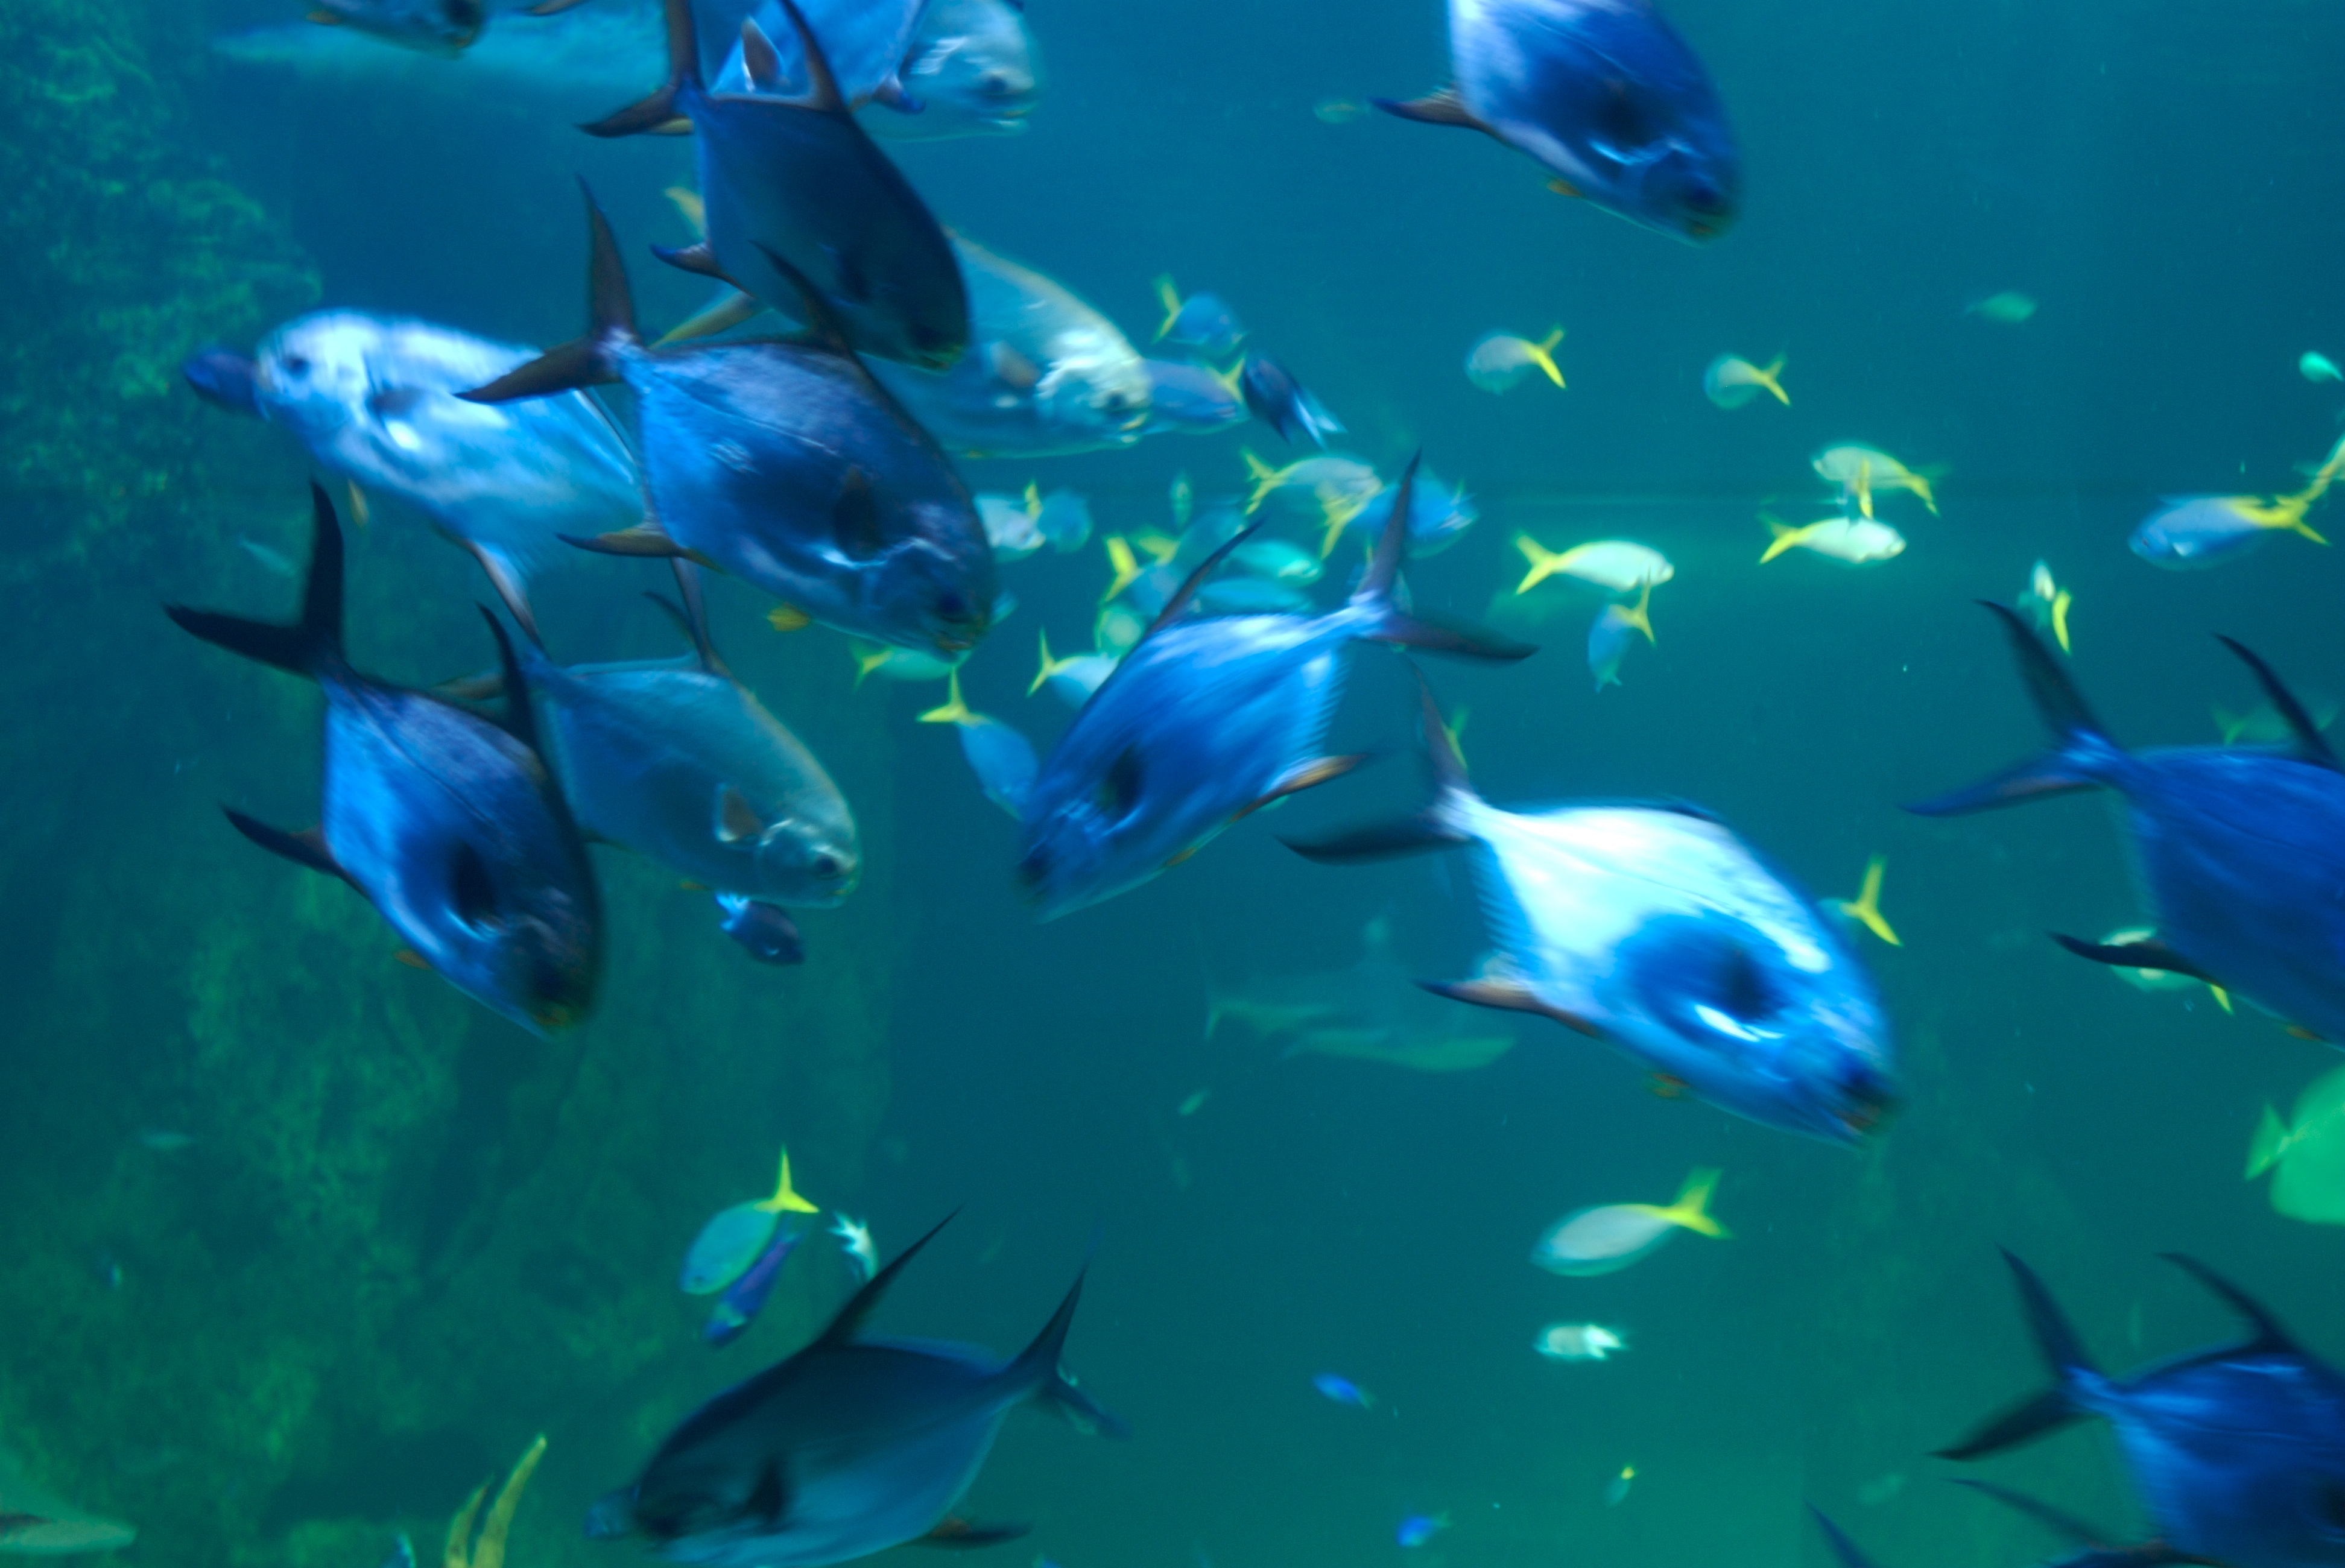 Cool Fish Backgrounds - WallpaperSafari